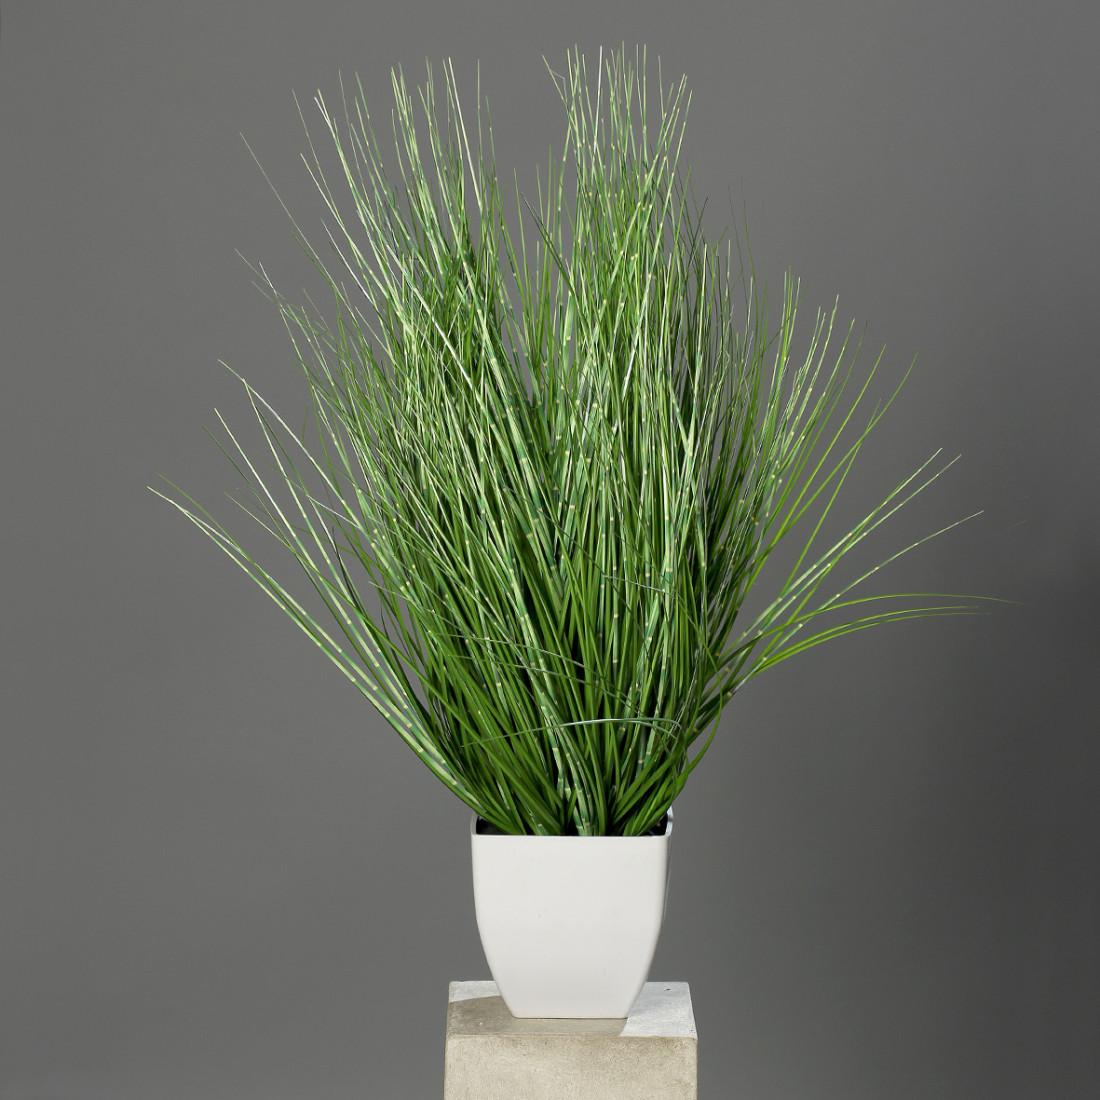 künstlicher Grasbusch Zebragras Zebra Gras Kunstpflanze 80 cm im Topf 56726 F40